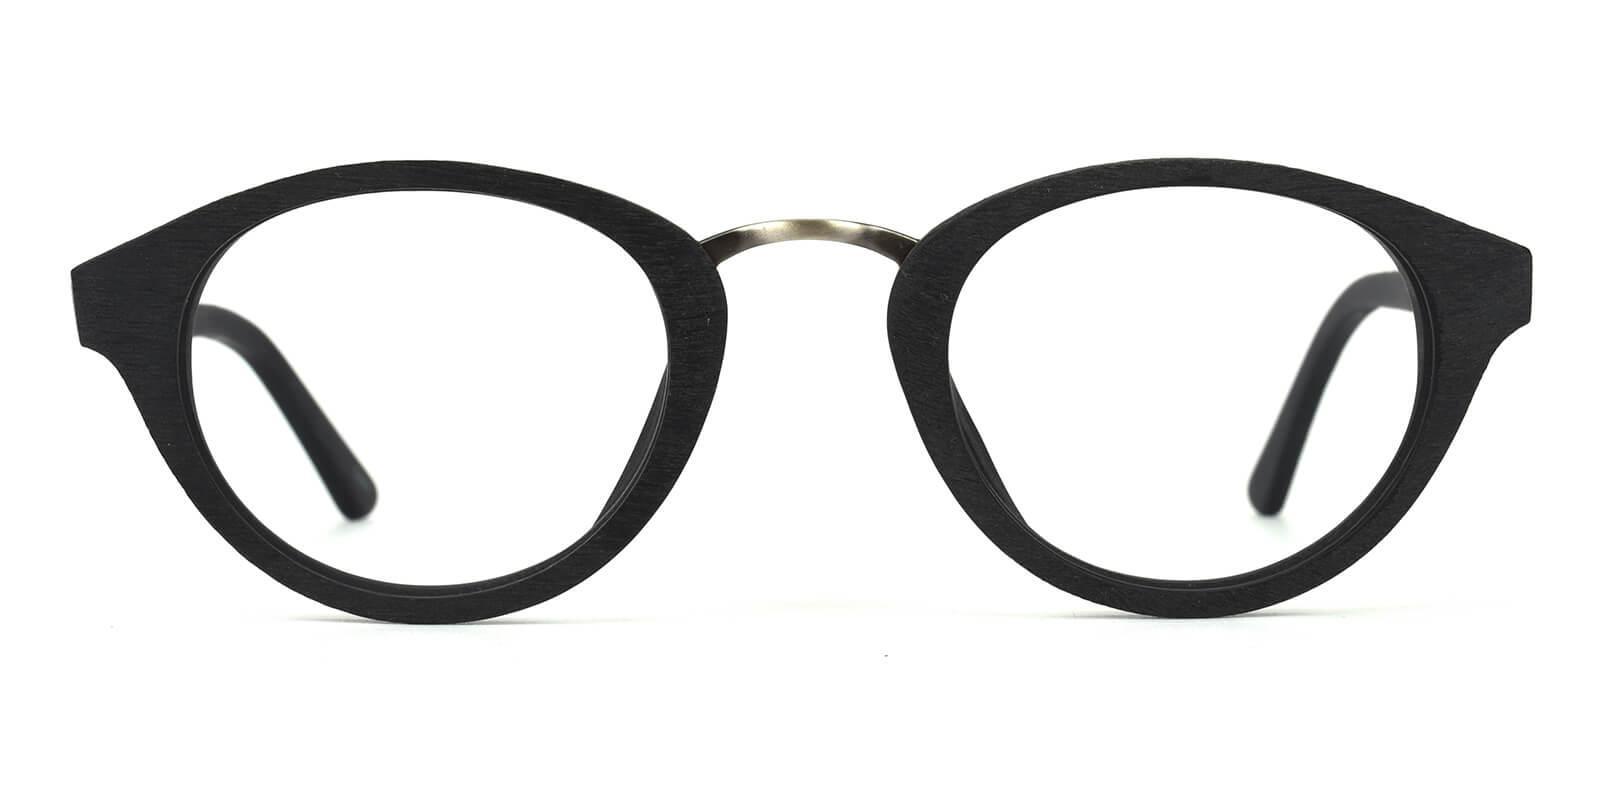 Haiden-Black-Oval-Acetate-Eyeglasses-detail